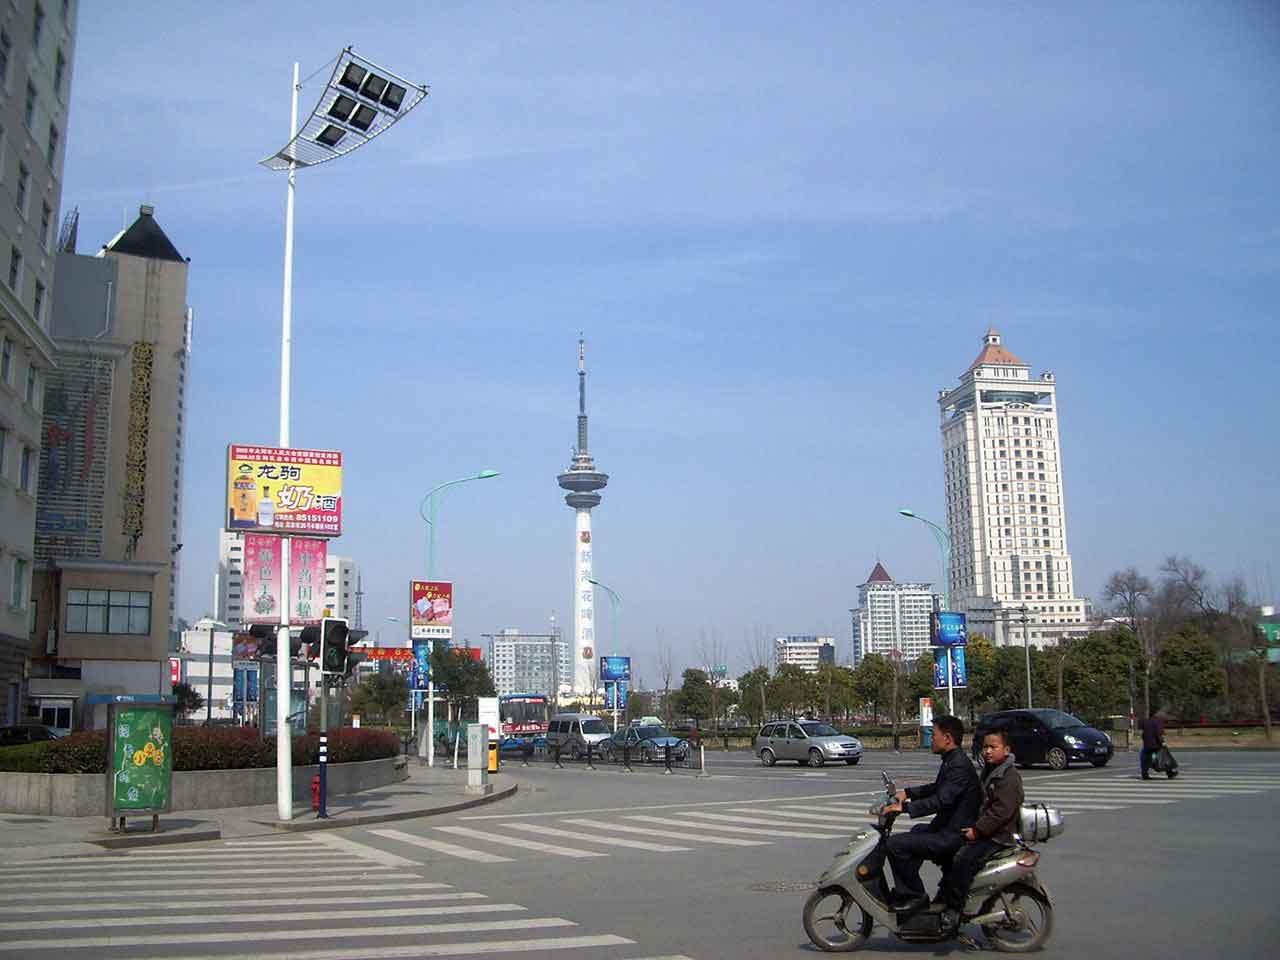 ¿Es sehuro viajar a China? Peatones y motos